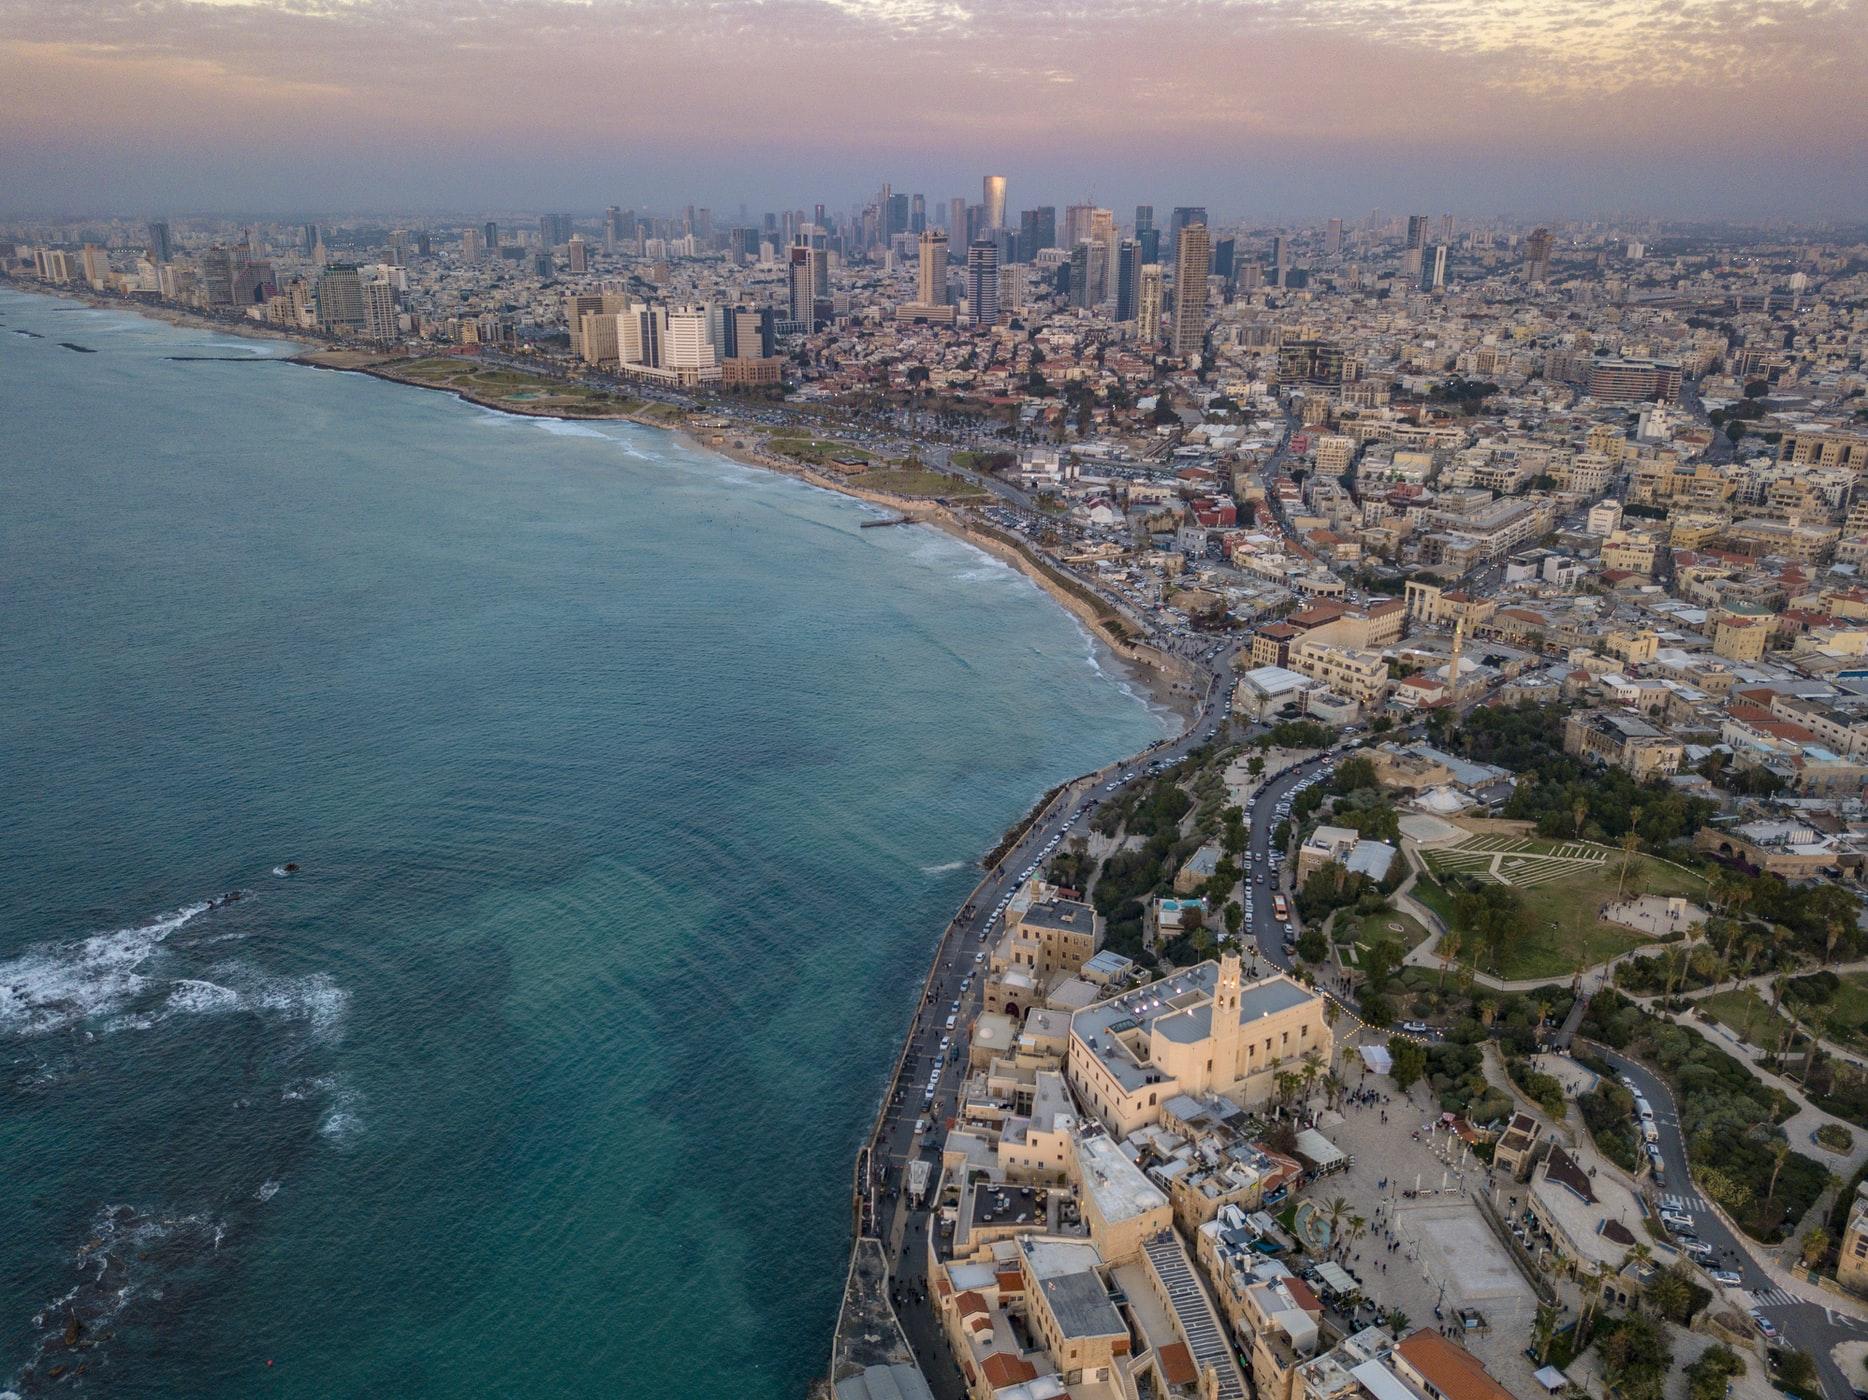 6 napos kirándulás Izraelban, Tel Aviv 46.250 Ft-ért! – Utazómajom